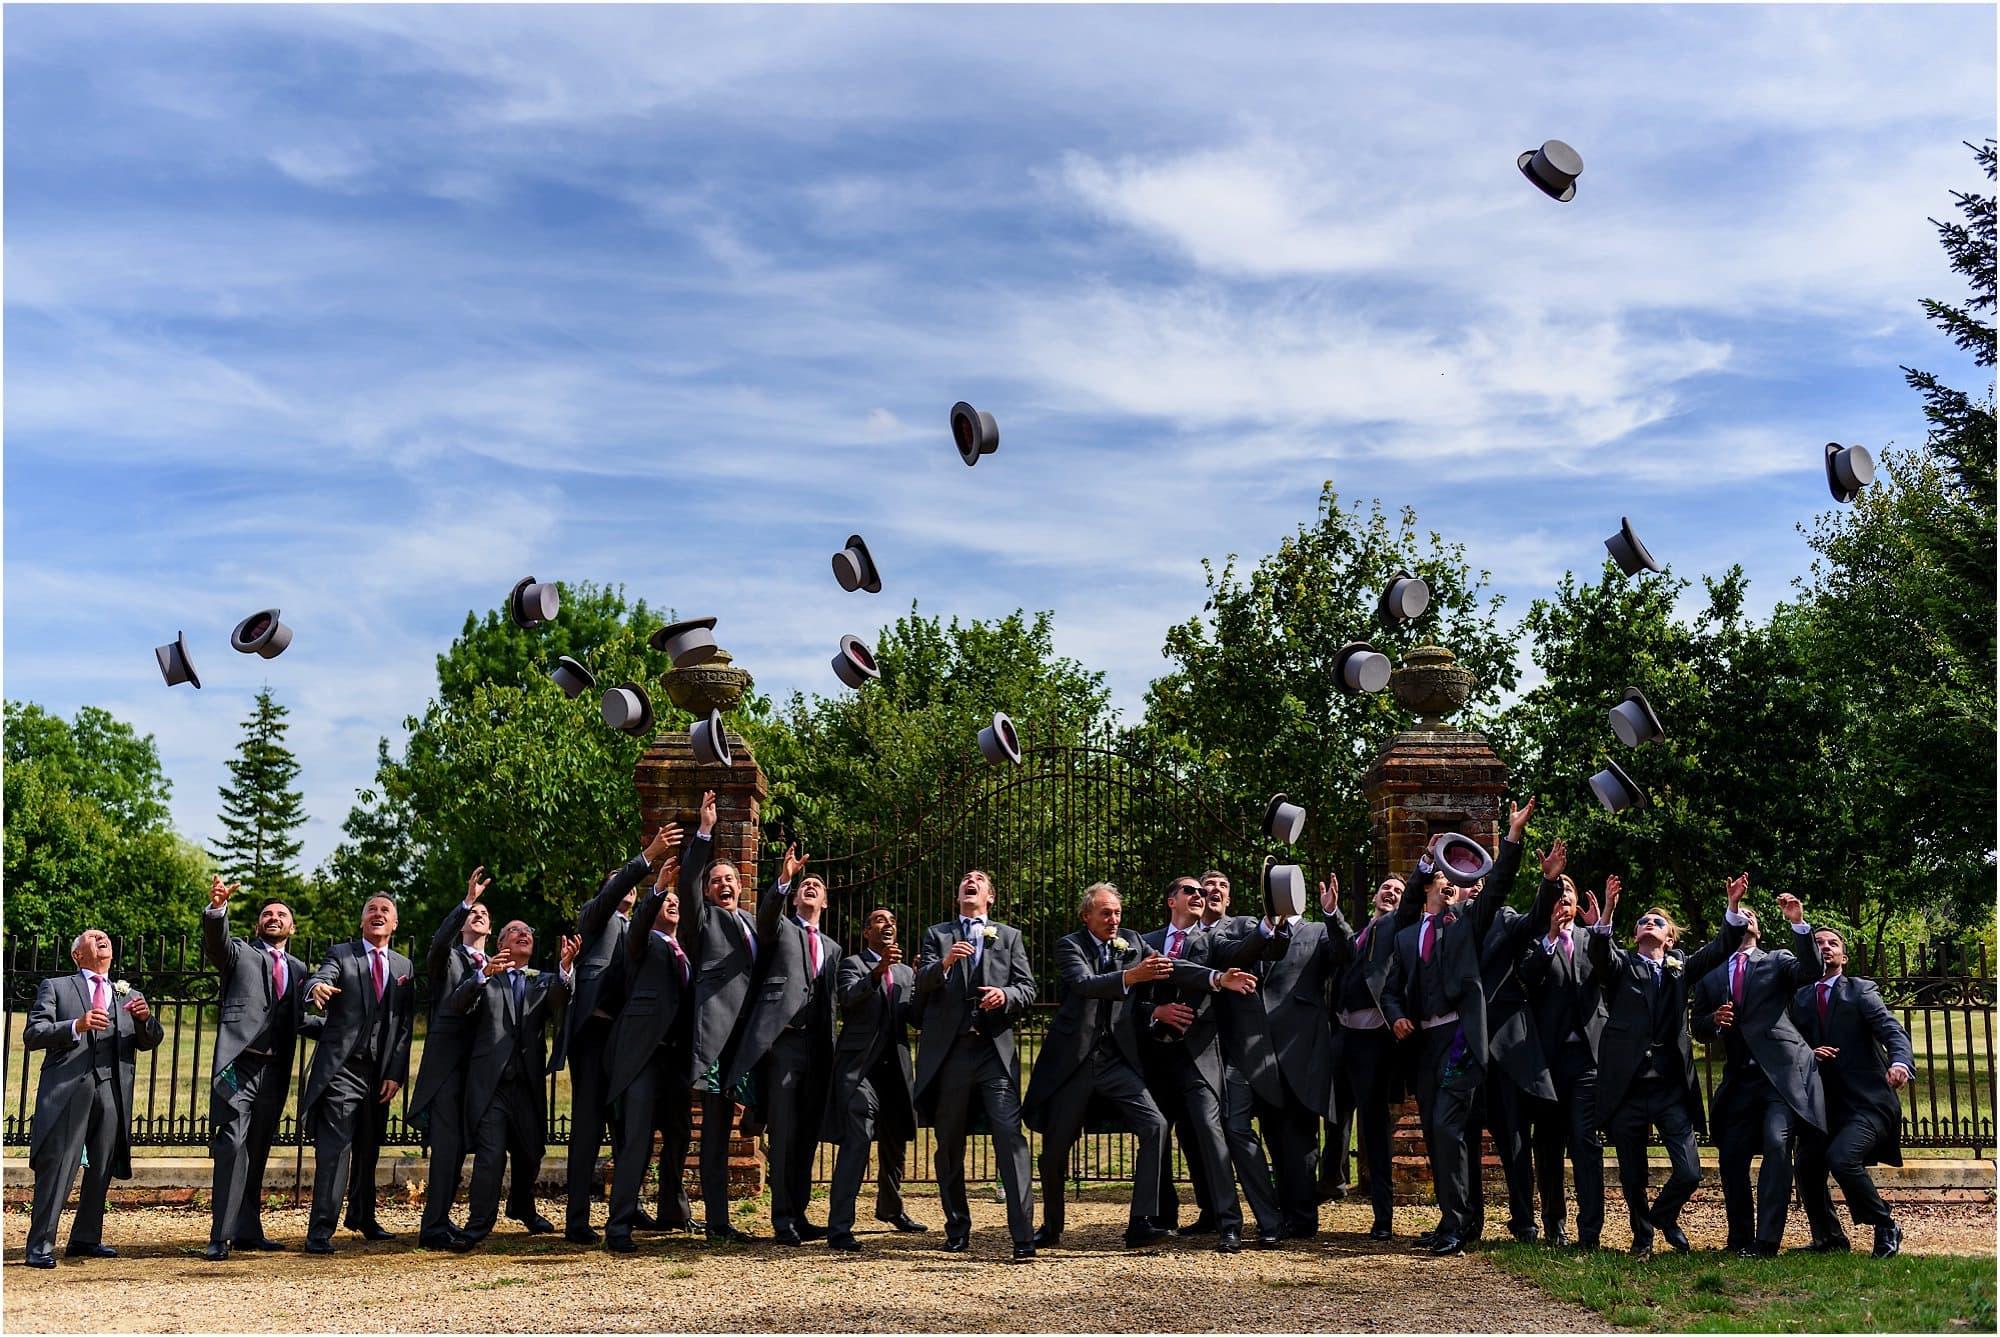 Groomsmen throwing the hats